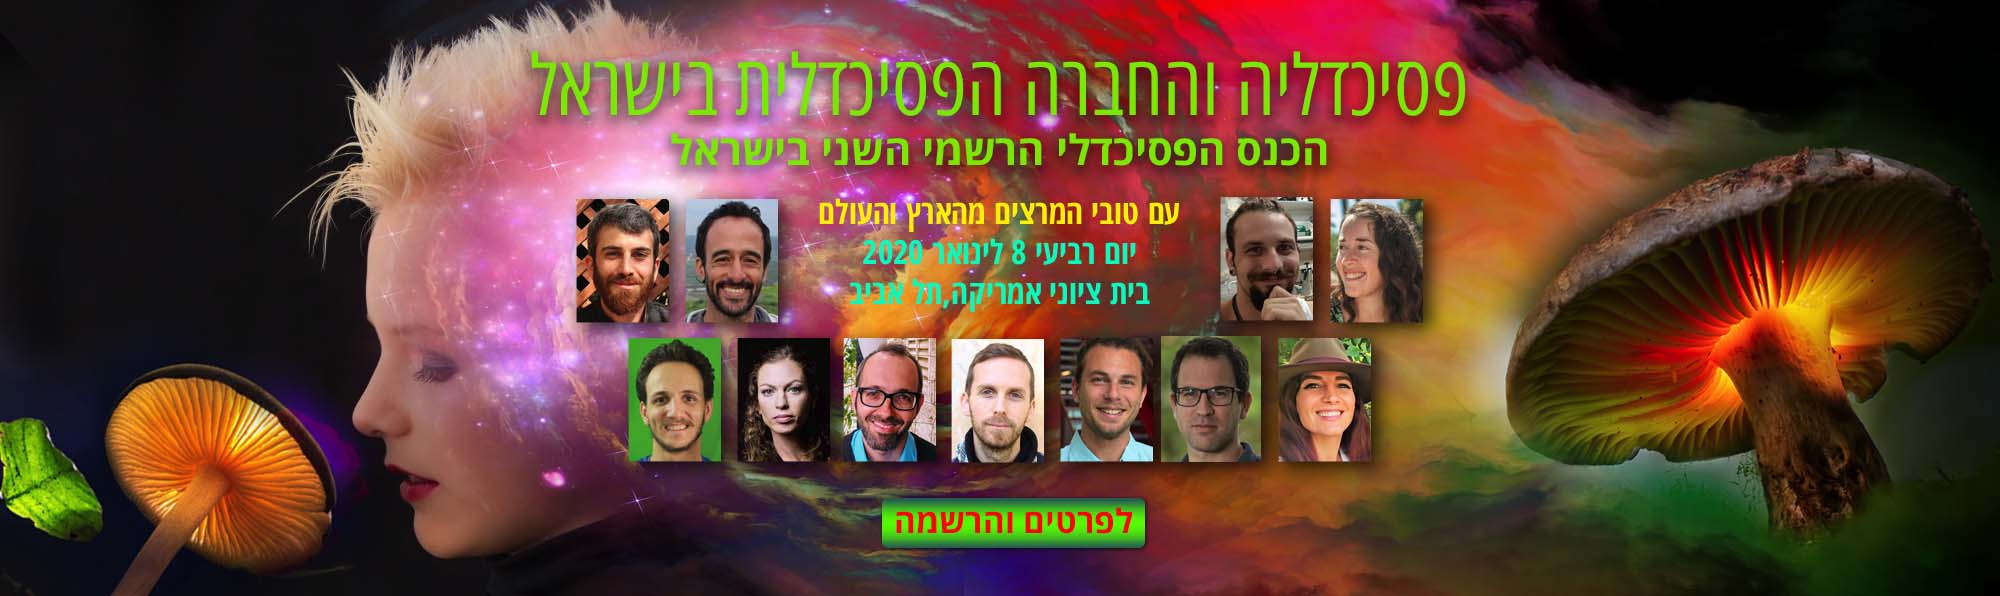 פסיכדליה והחברה הפסיכדלית בישראל הכנס הפסיכדלי הרשמי השני בישראל